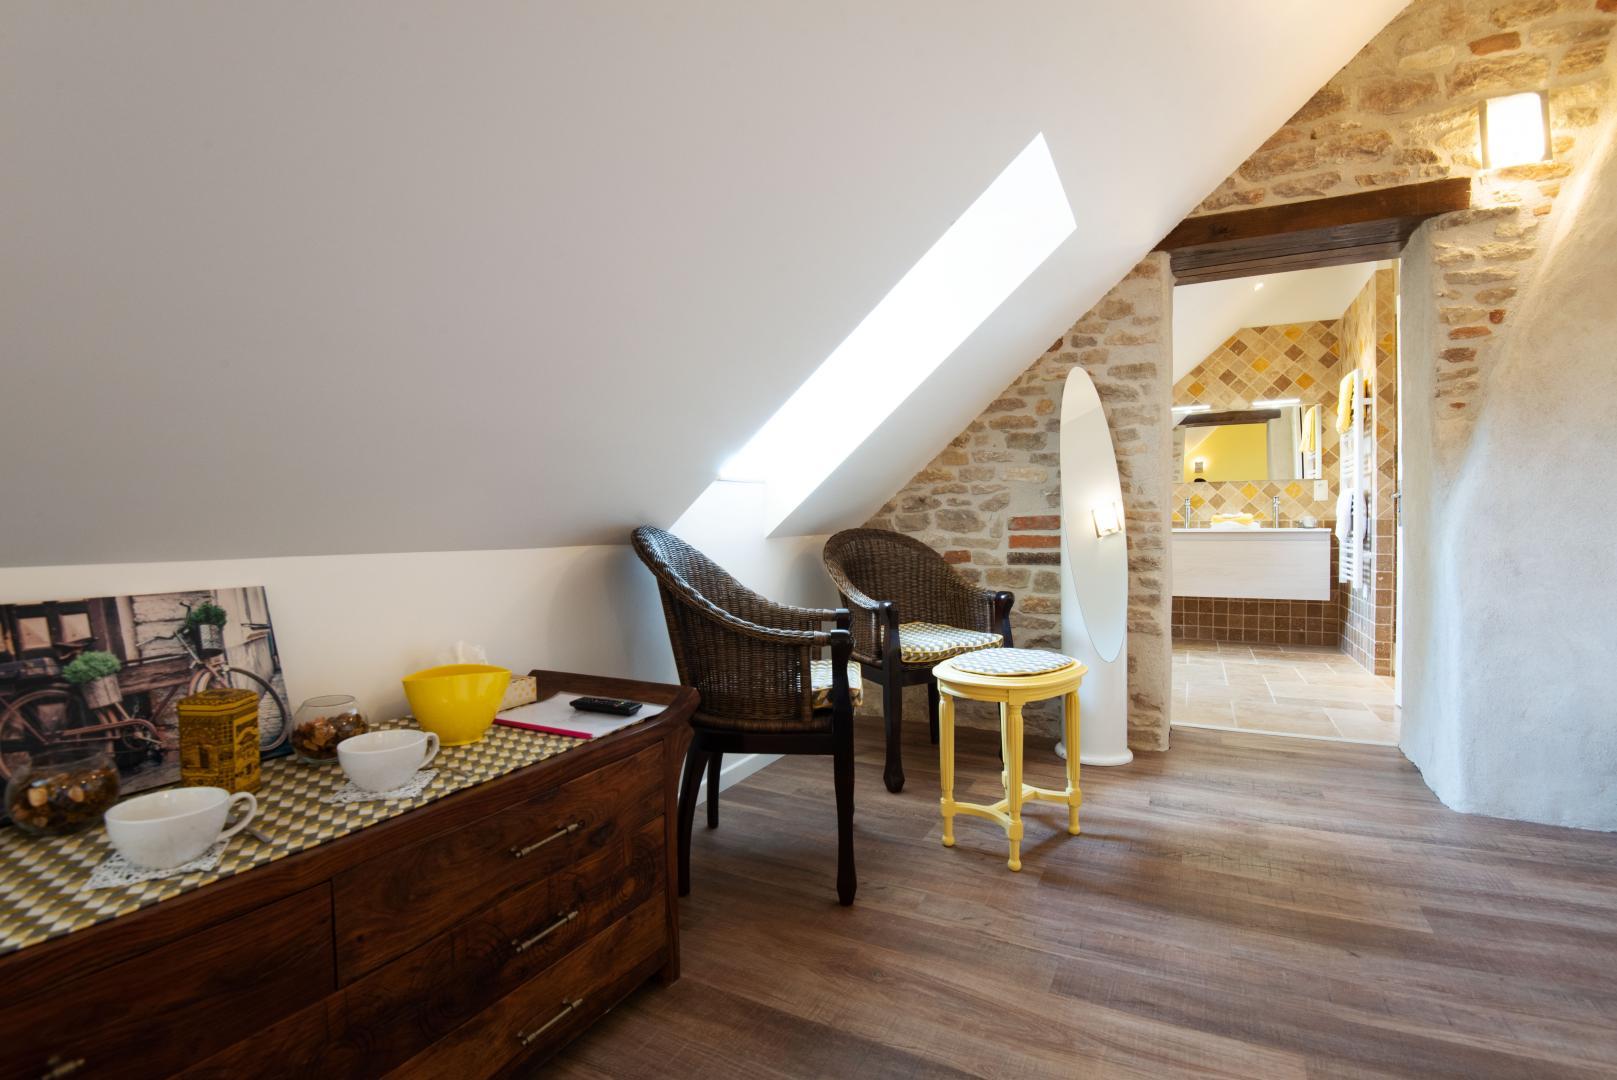 Chambre Dhtes N2534 Saint Loup Geanges Sane Et Loire